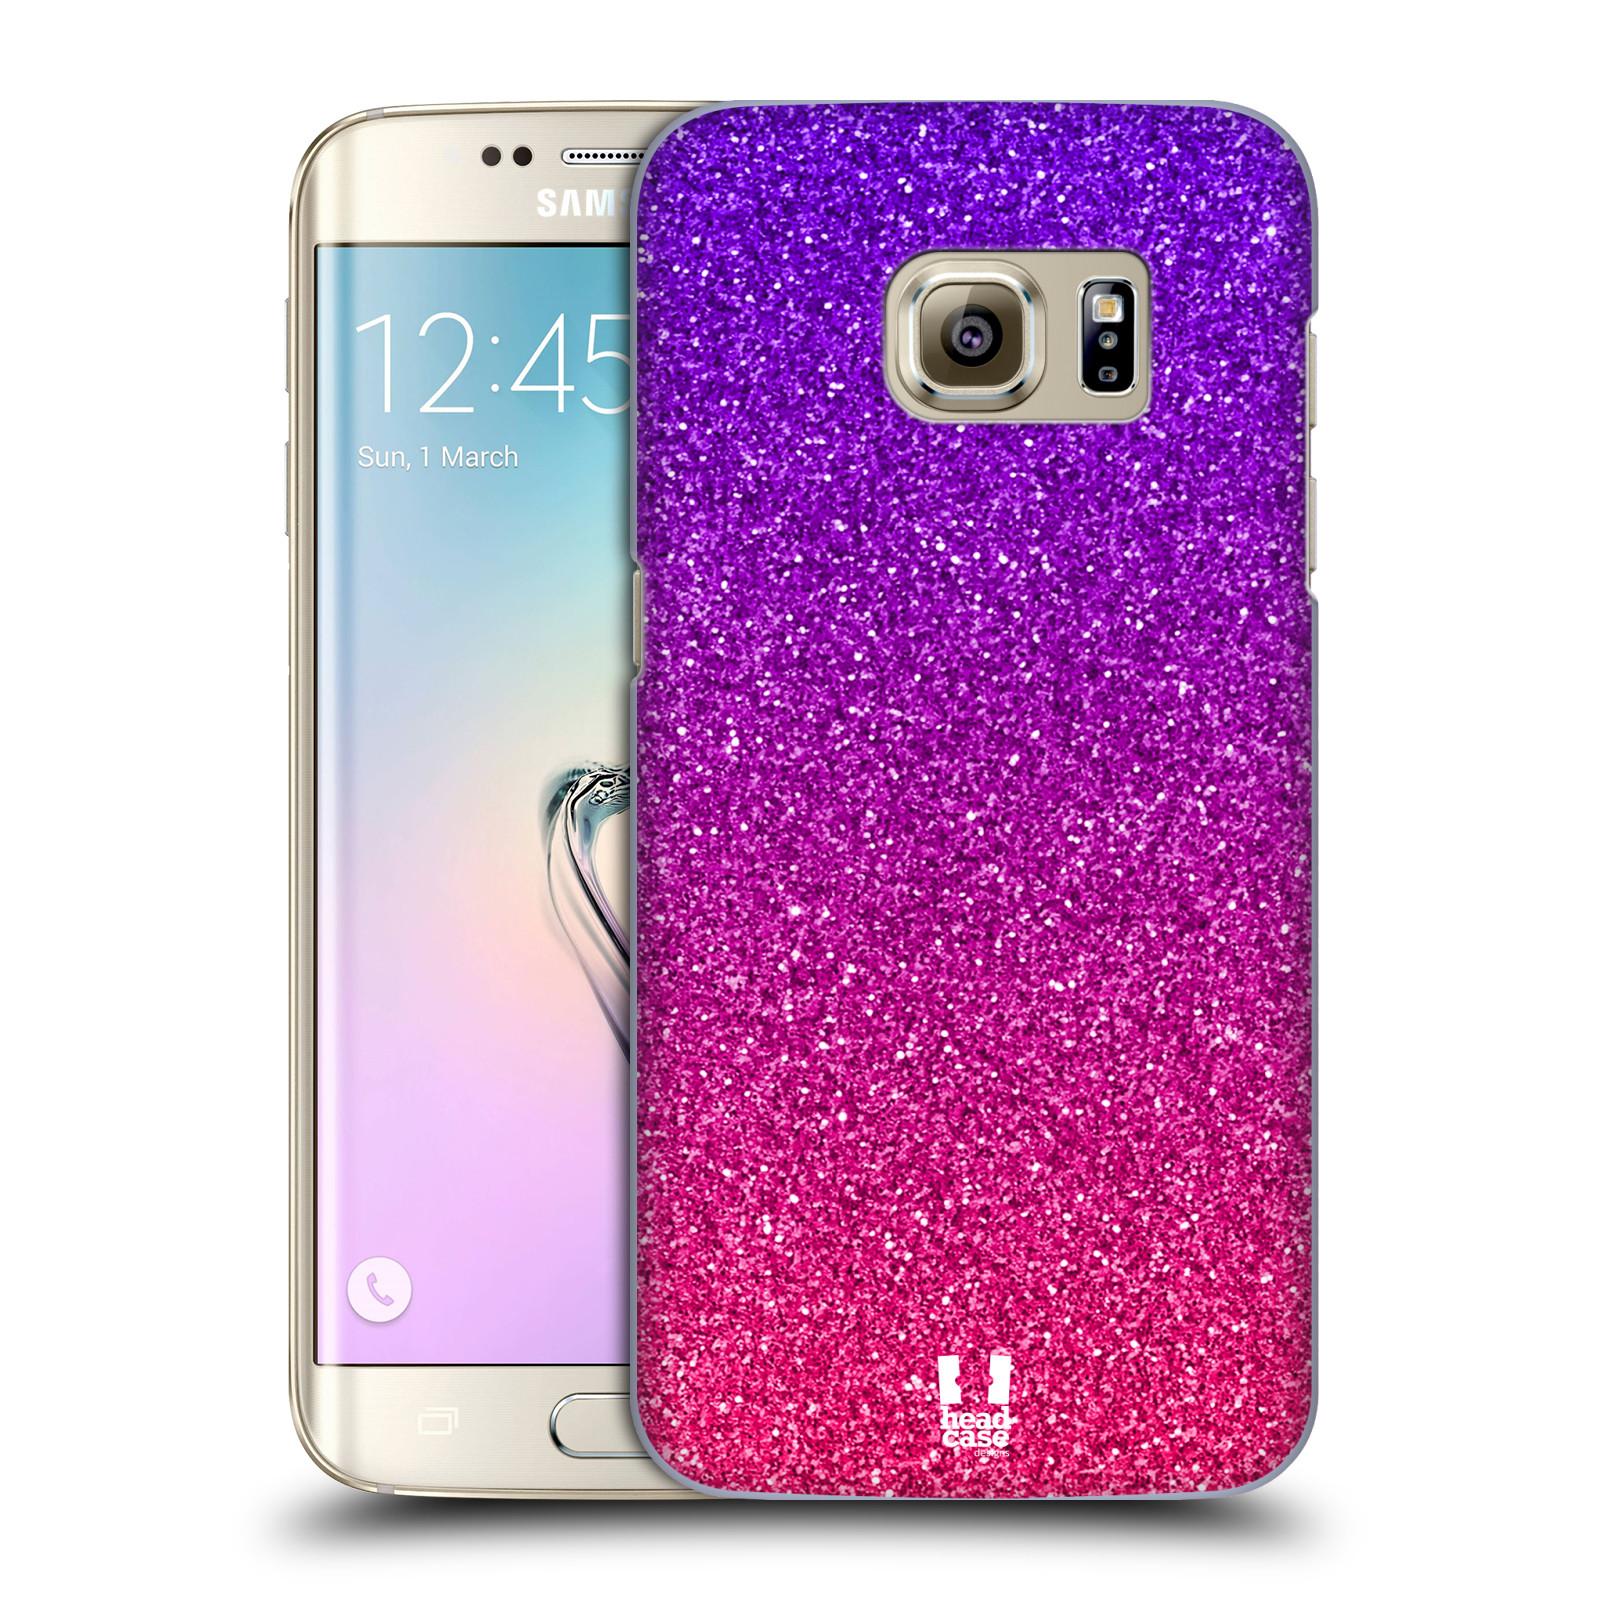 Plastové pouzdro na mobil Samsung Galaxy S7 Edge HEAD CASE MIX PINK (Kryt či obal na mobilní telefon Samsung Galaxy S7 Edge SM-G935F)